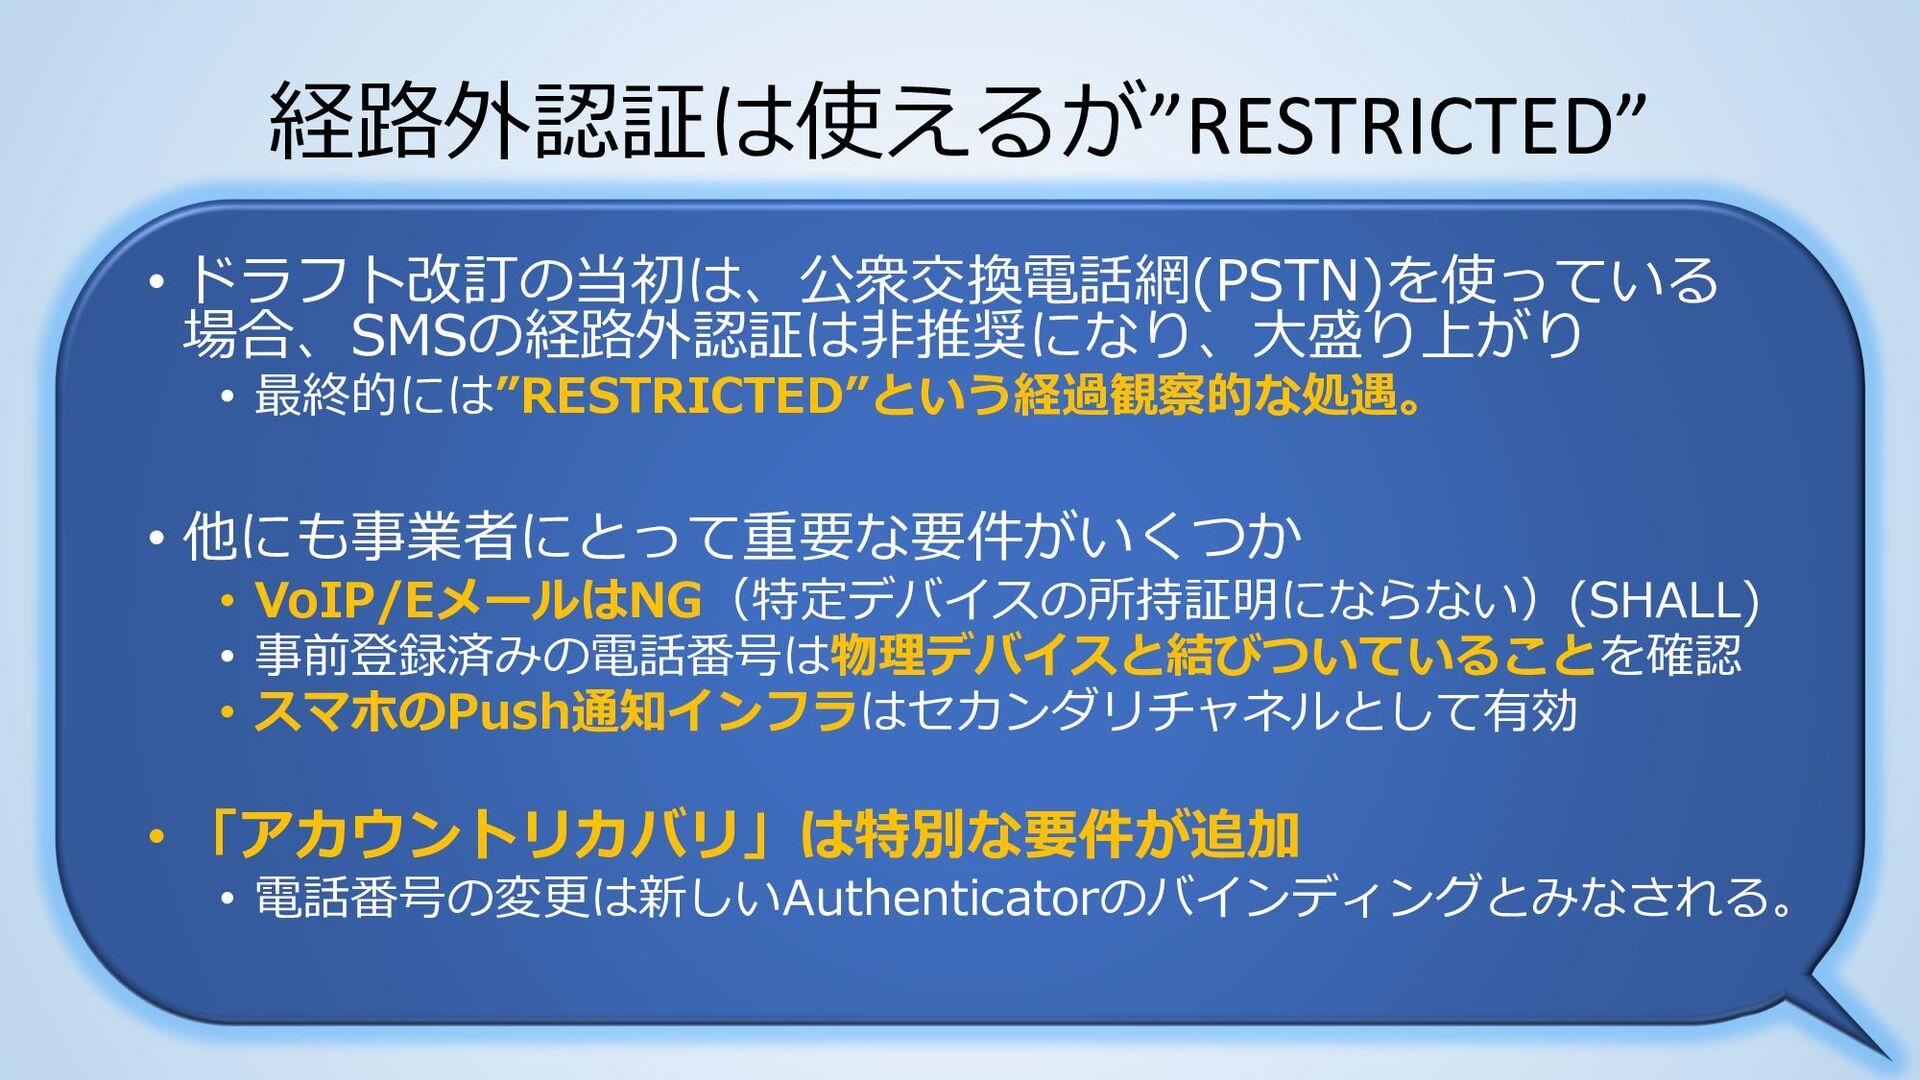 地味に影響しそうな乱数表の制限追加 • 各セルの値の使い回しが禁止 (SHALL) • NIS...